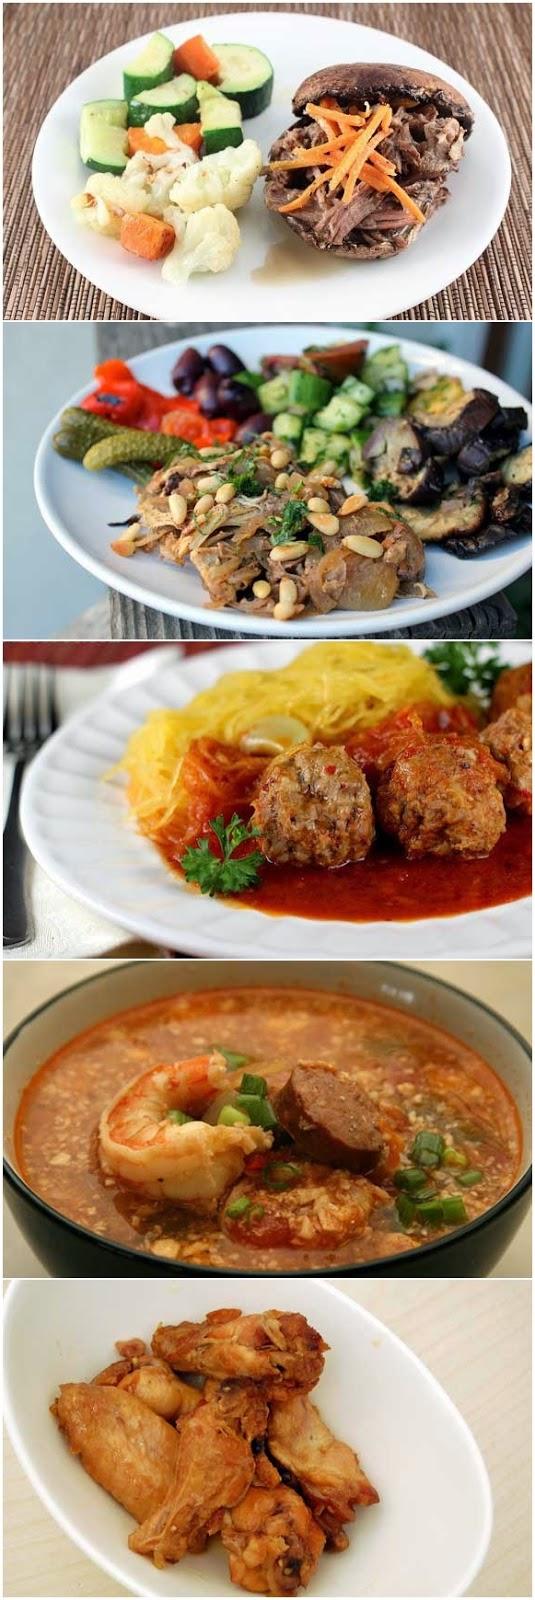 23 Easy Paleo Crock Pot Recipes